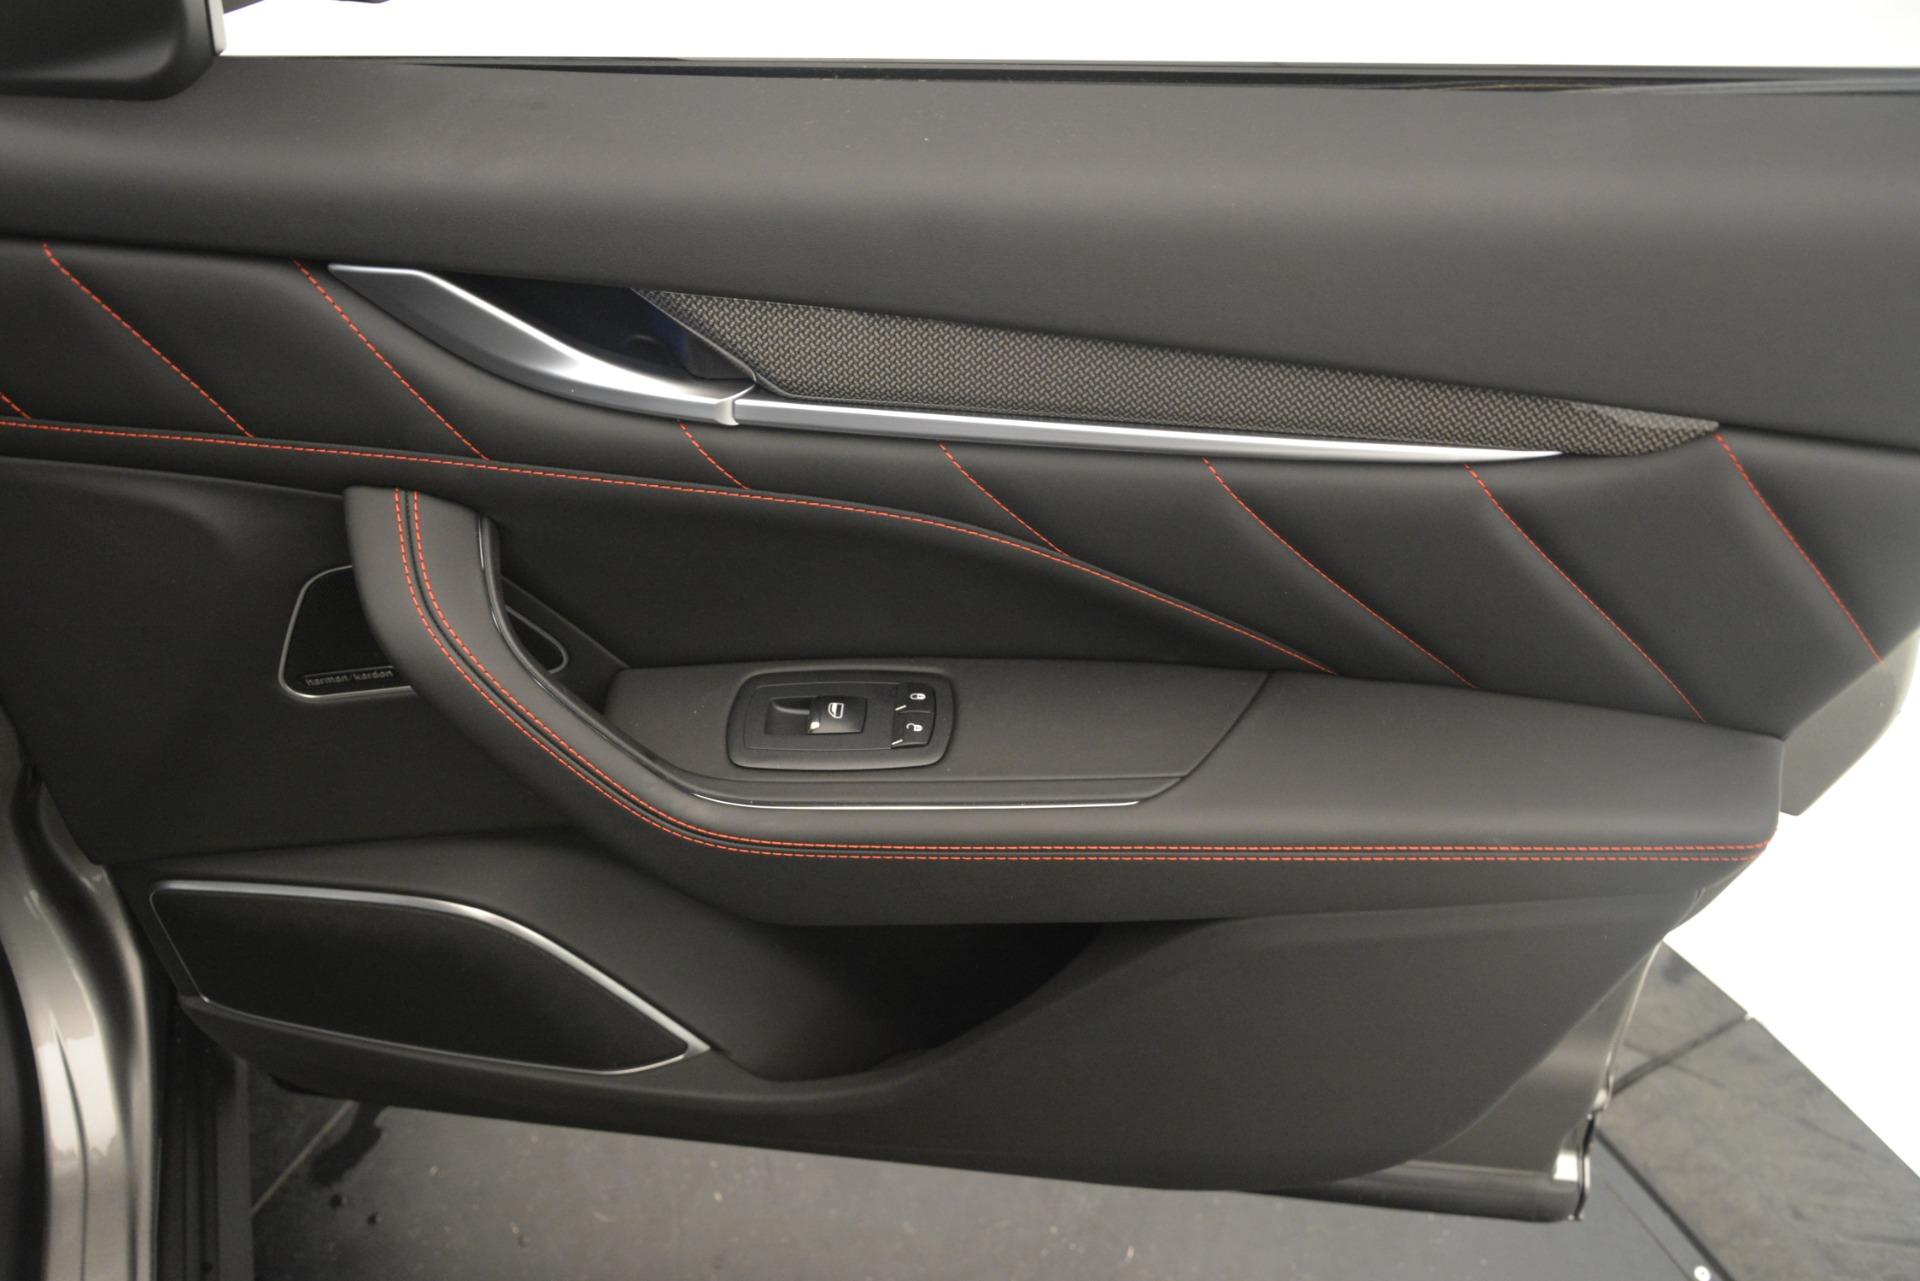 New 2019 Maserati Levante SQ4 GranSport Nerissimo For Sale In Greenwich, CT 3177_p25